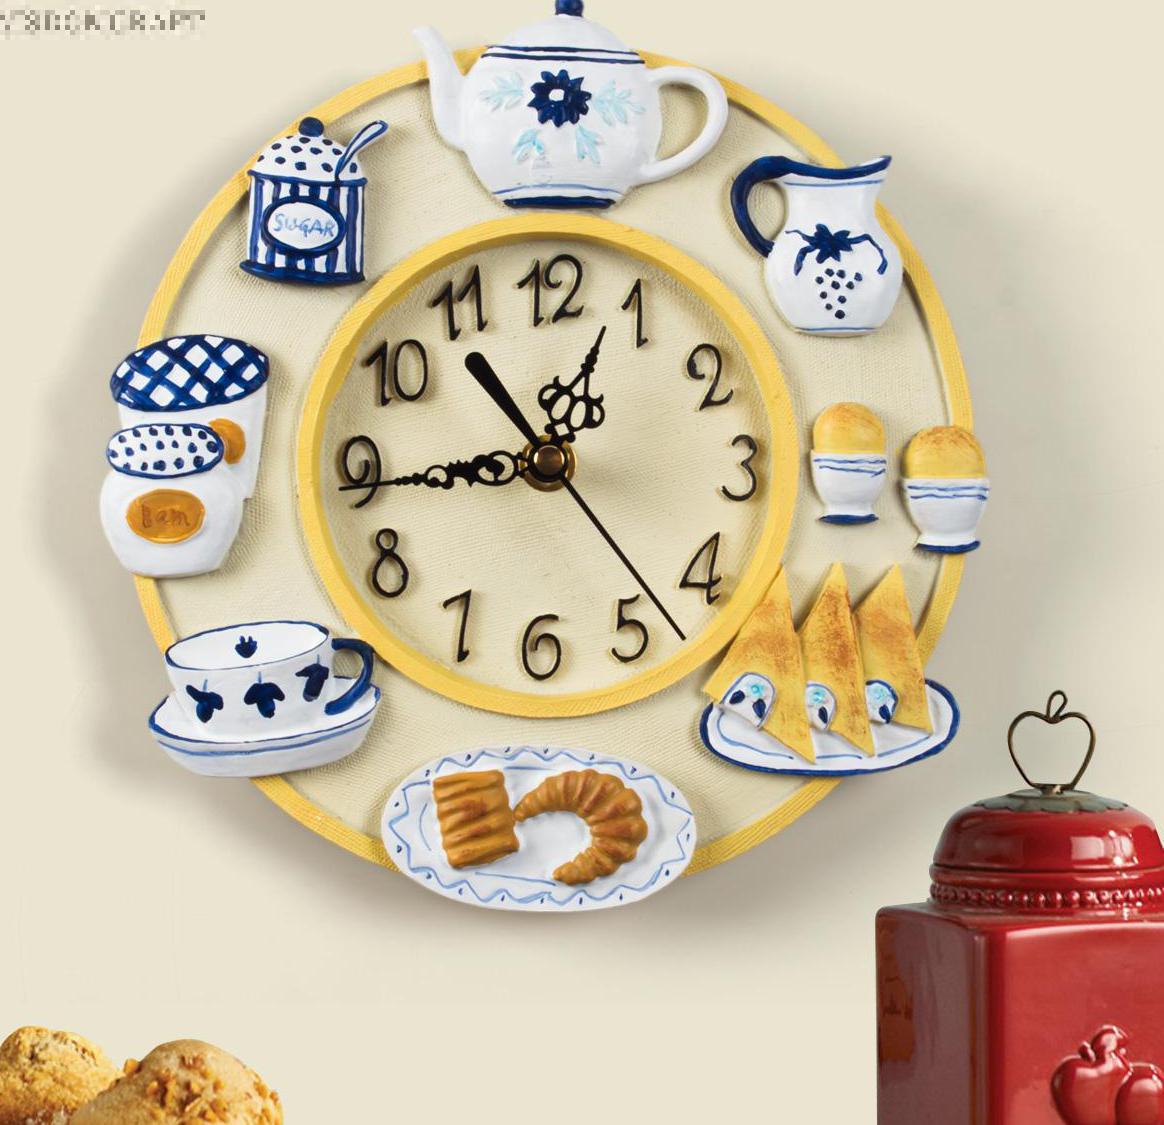 European kitchen lunch restaurant clock small kitchen - Small kitchen clock for wall ...